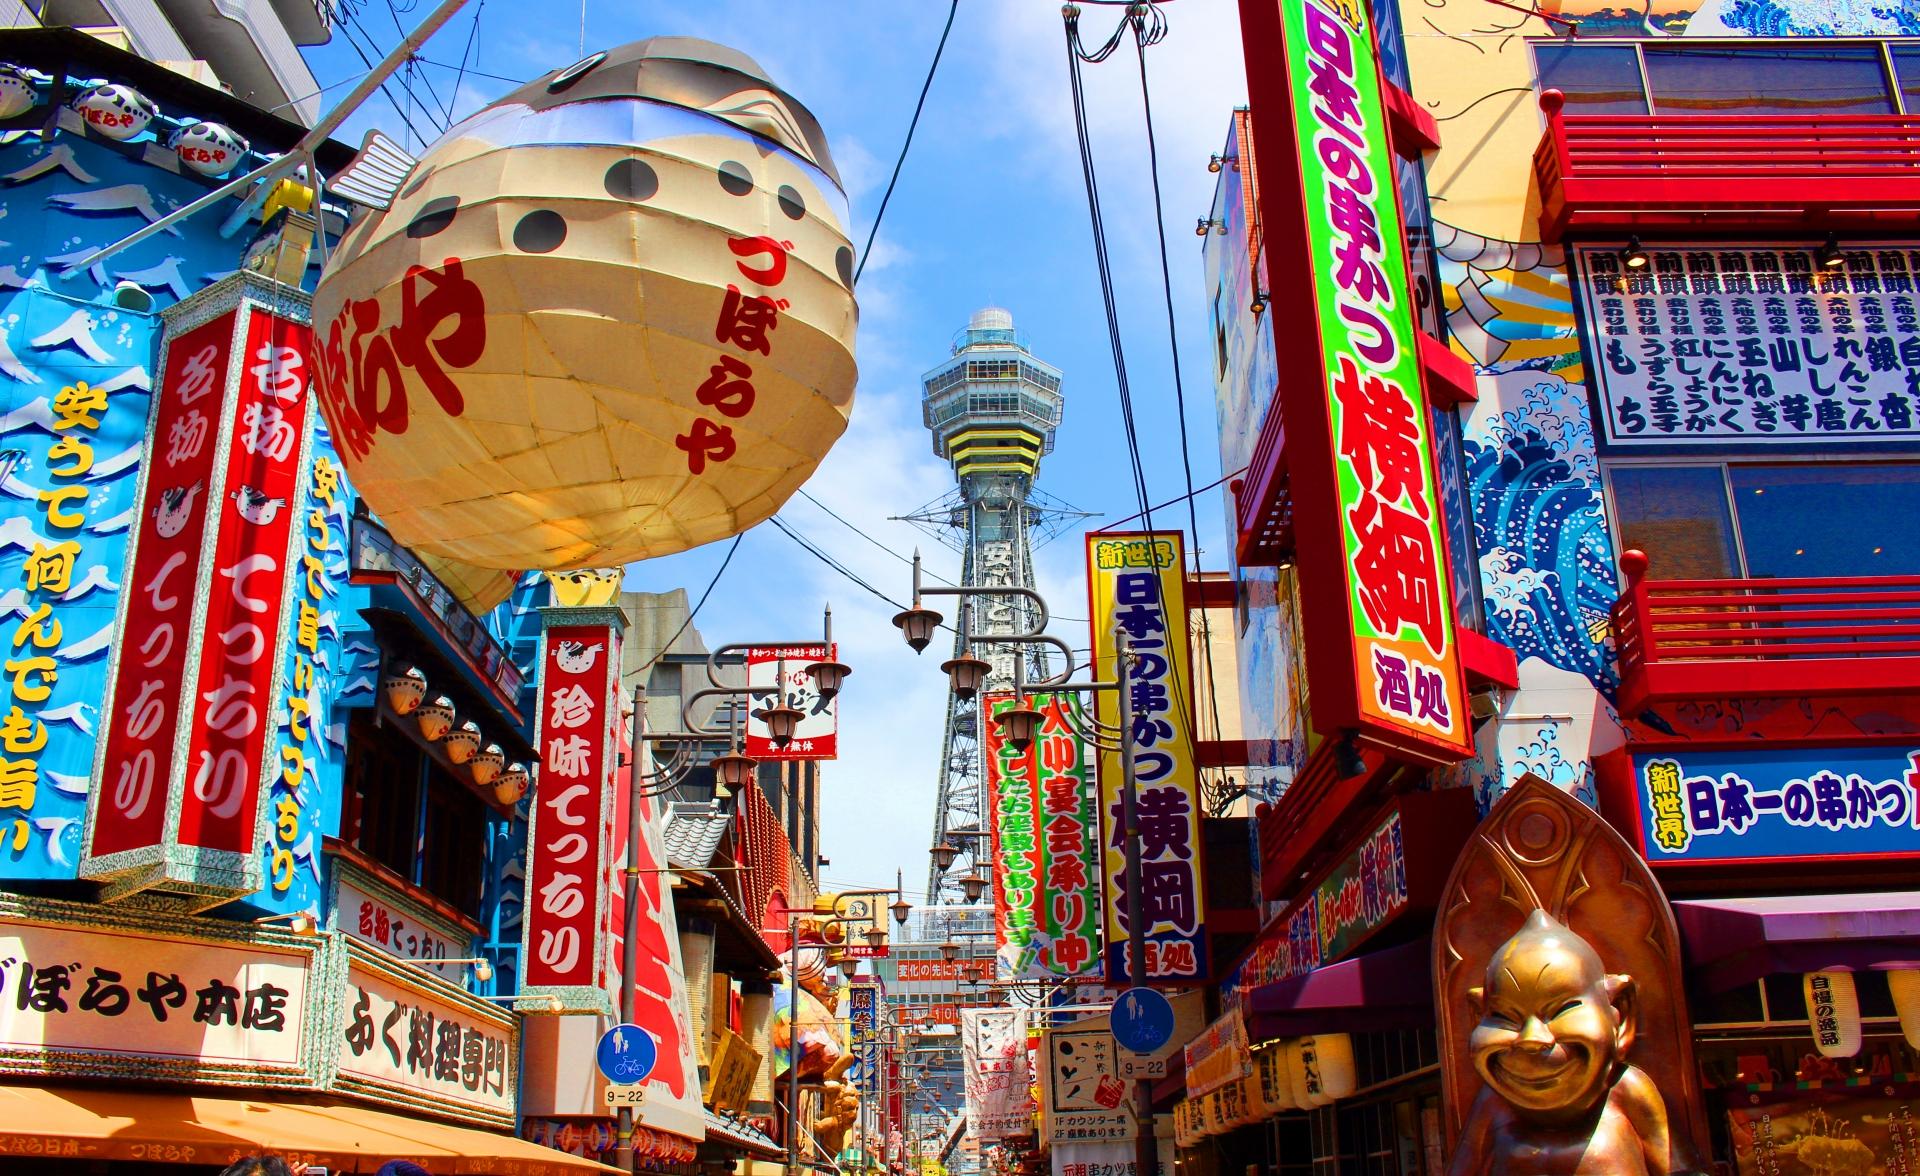 大阪市のゴミ収集|収集日時・集積所~民間業者の相場料金を完全解説